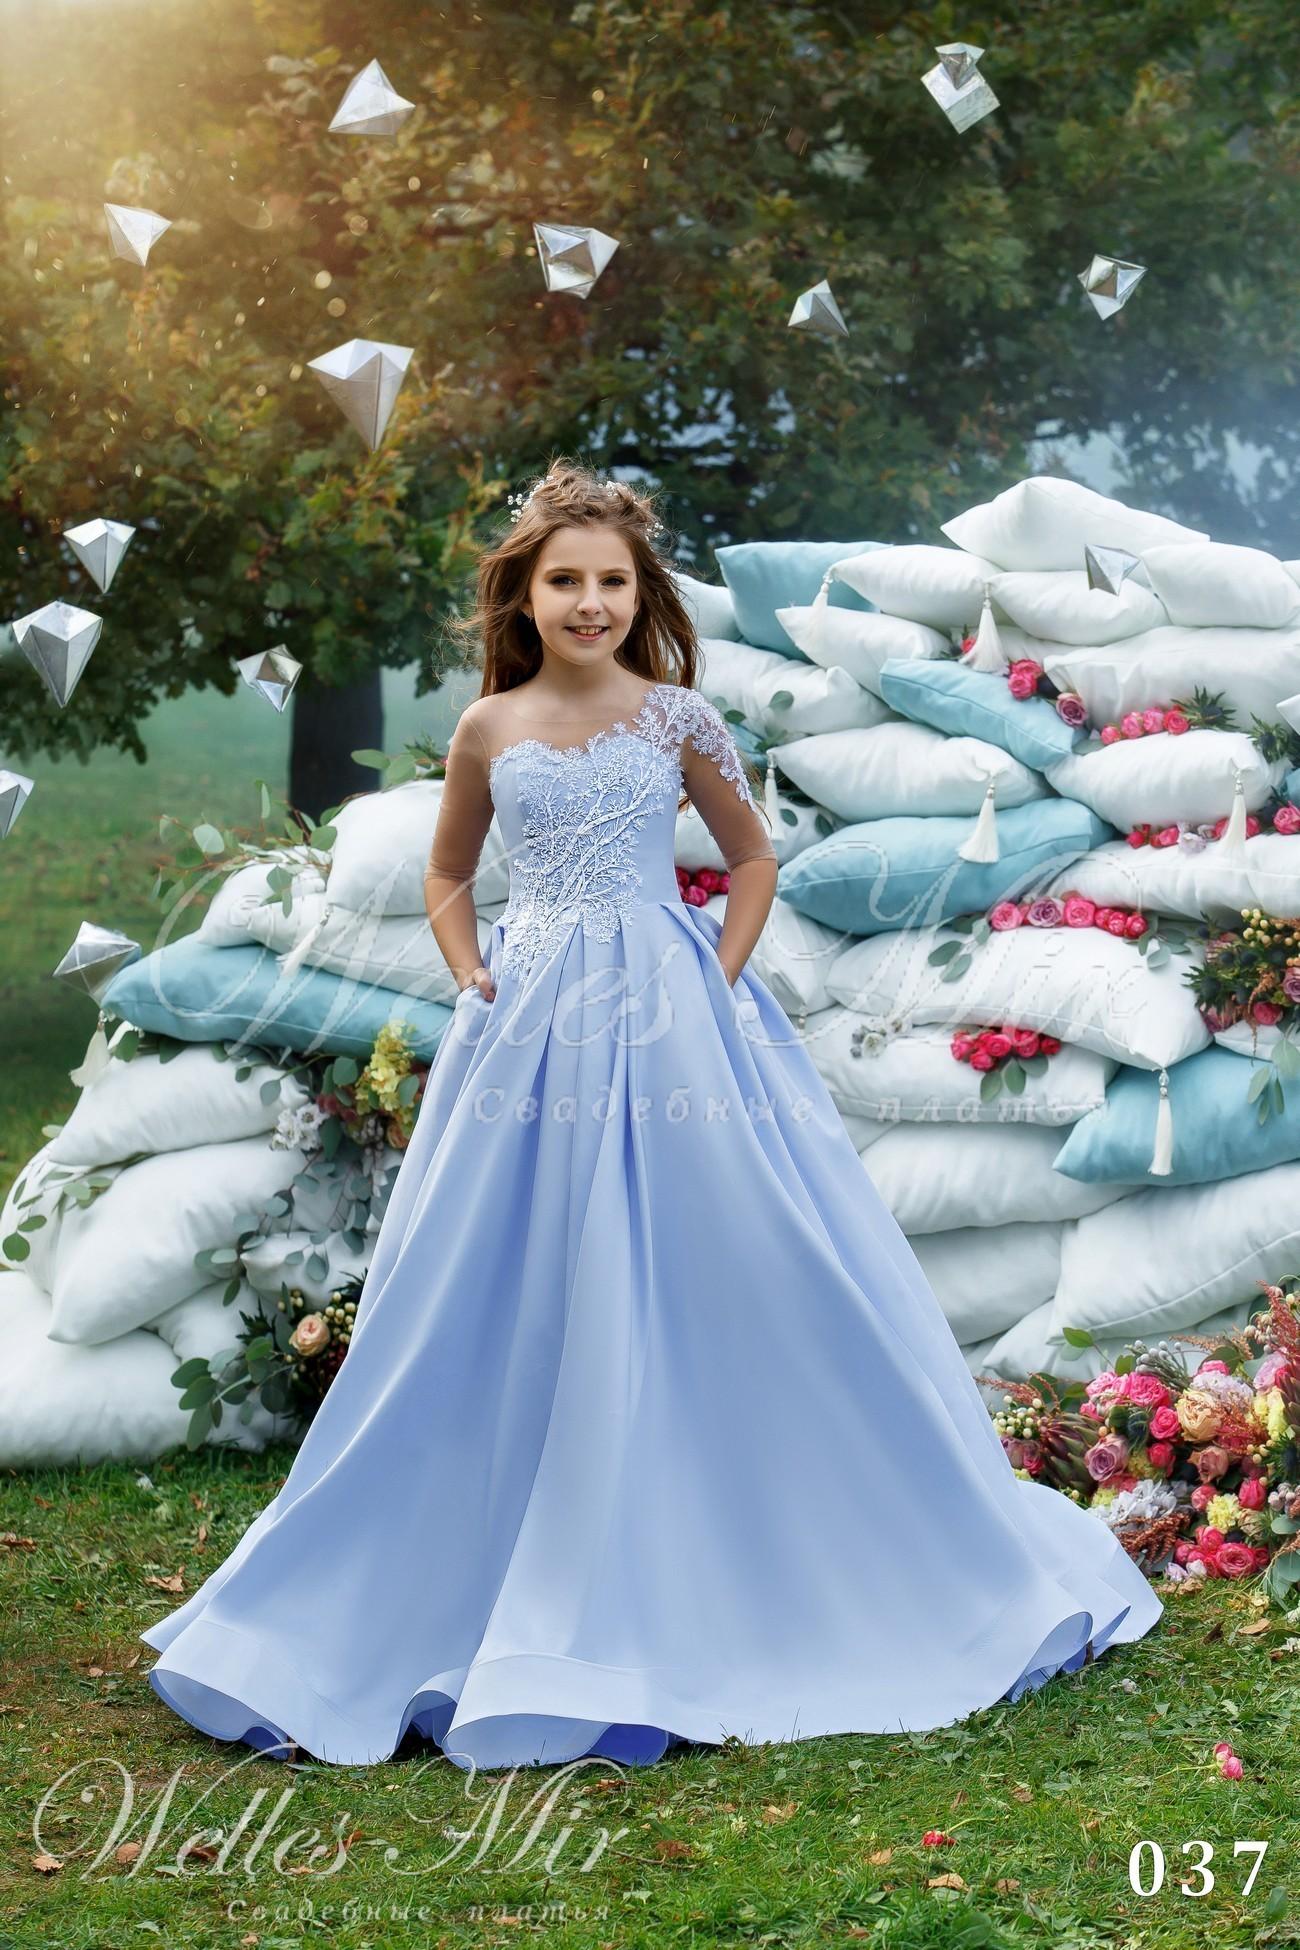 Нарядное детское платье от Wellesmir